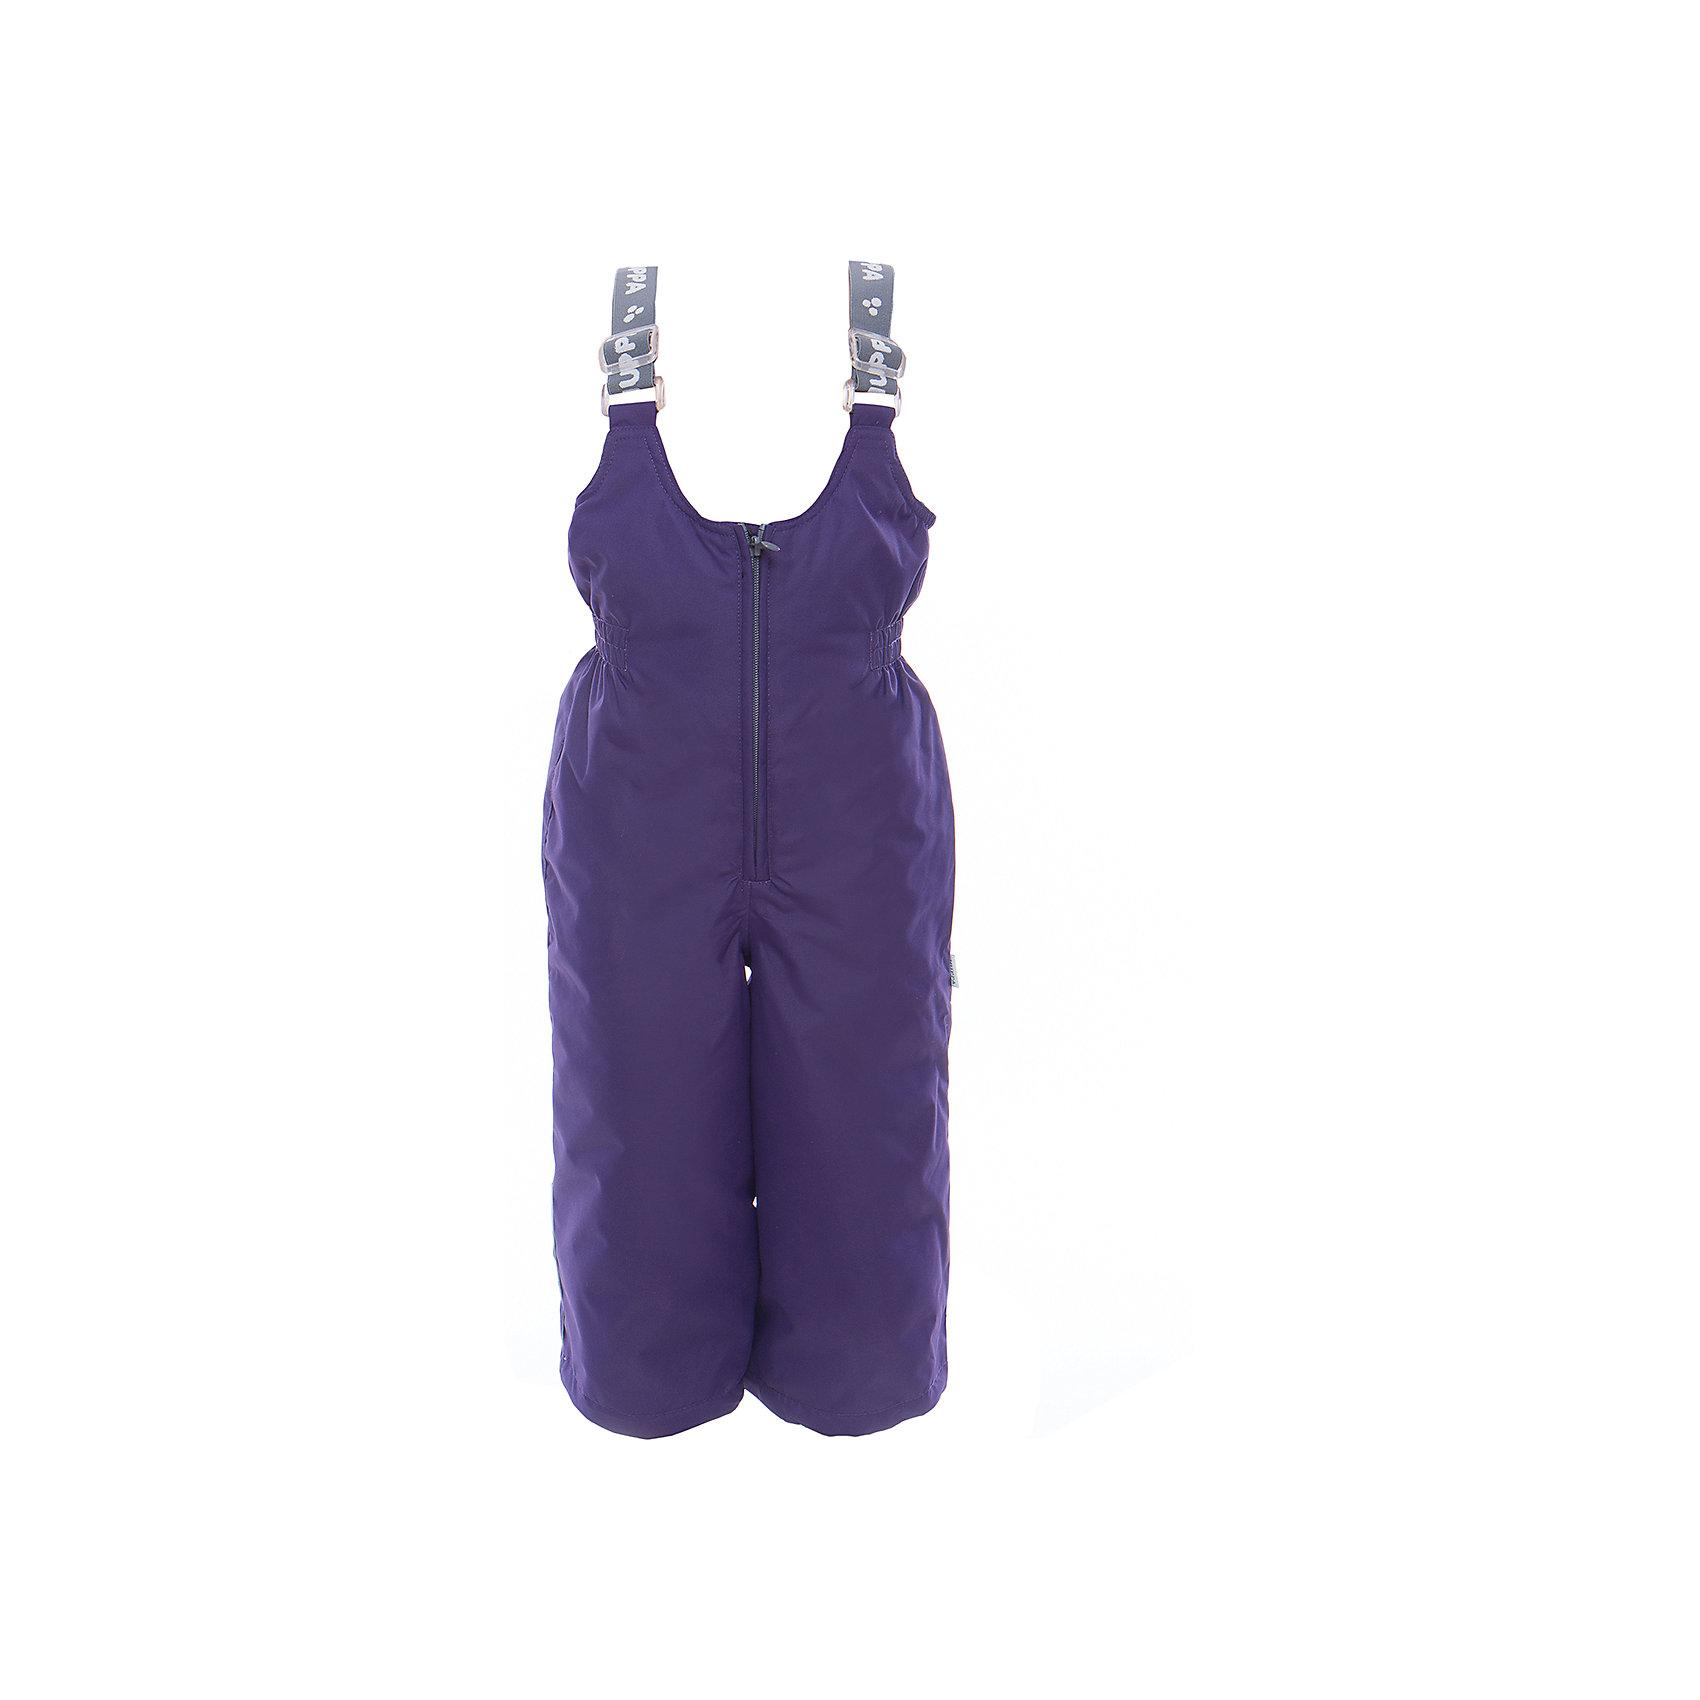 Брюки JORMA для девочки HuppaВерхняя одежда<br>Характеристики товара:<br><br>• цвет: тёмно-фиолетовый<br>• ткань: 100% полиэстер<br>• подкладка: тафта - 100% полиэстер<br>• утеплитель: 100% полиэстер 100 г<br>• температурный режим: от -5°С до +10°С<br>• водонепроницаемость: 10000 мм<br>• воздухопроницаемость: 10000 мм<br>• светоотражающие детали<br>• шов сидения проклеен<br>• регулируемые низы брючин<br>• эластичный шнурок + фиксатор<br>• без внутренних швов<br>• резиновые подтяжки<br>• комфортная посадка<br>• коллекция: весна-лето 2017<br>• страна бренда: Эстония<br><br>Эти утепленные брюки обеспечат детям тепло и комфорт. Они сделаны из материала, отталкивающего воду, и дополнены подкладкой с утеплителем, поэтому изделие идеально подходит для межсезонья. Материал изделия - с мембранной технологией: защищая от влаги и ветра, он легко выводит лишнюю влагу наружу. Для удобства лямки сделаны регулиющимися, а манжеты - эластичными. Брюки очень симпатично смотрятся. Модель была разработана специально для детей.<br><br>Одежда и обувь от популярного эстонского бренда Huppa - отличный вариант одеть ребенка можно и комфортно. Вещи, выпускаемые компанией, качественные, продуманные и очень удобные. Для производства изделий используются только безопасные для детей материалы. Продукция от Huppa порадует и детей, и их родителей!<br><br>Брюки JORMA от бренда Huppa (Хуппа) можно купить в нашем интернет-магазине.<br><br>Ширина мм: 215<br>Глубина мм: 88<br>Высота мм: 191<br>Вес г: 336<br>Цвет: розовый<br>Возраст от месяцев: 96<br>Возраст до месяцев: 108<br>Пол: Женский<br>Возраст: Детский<br>Размер: 134,92,98,104,110,116,122,128<br>SKU: 5347236